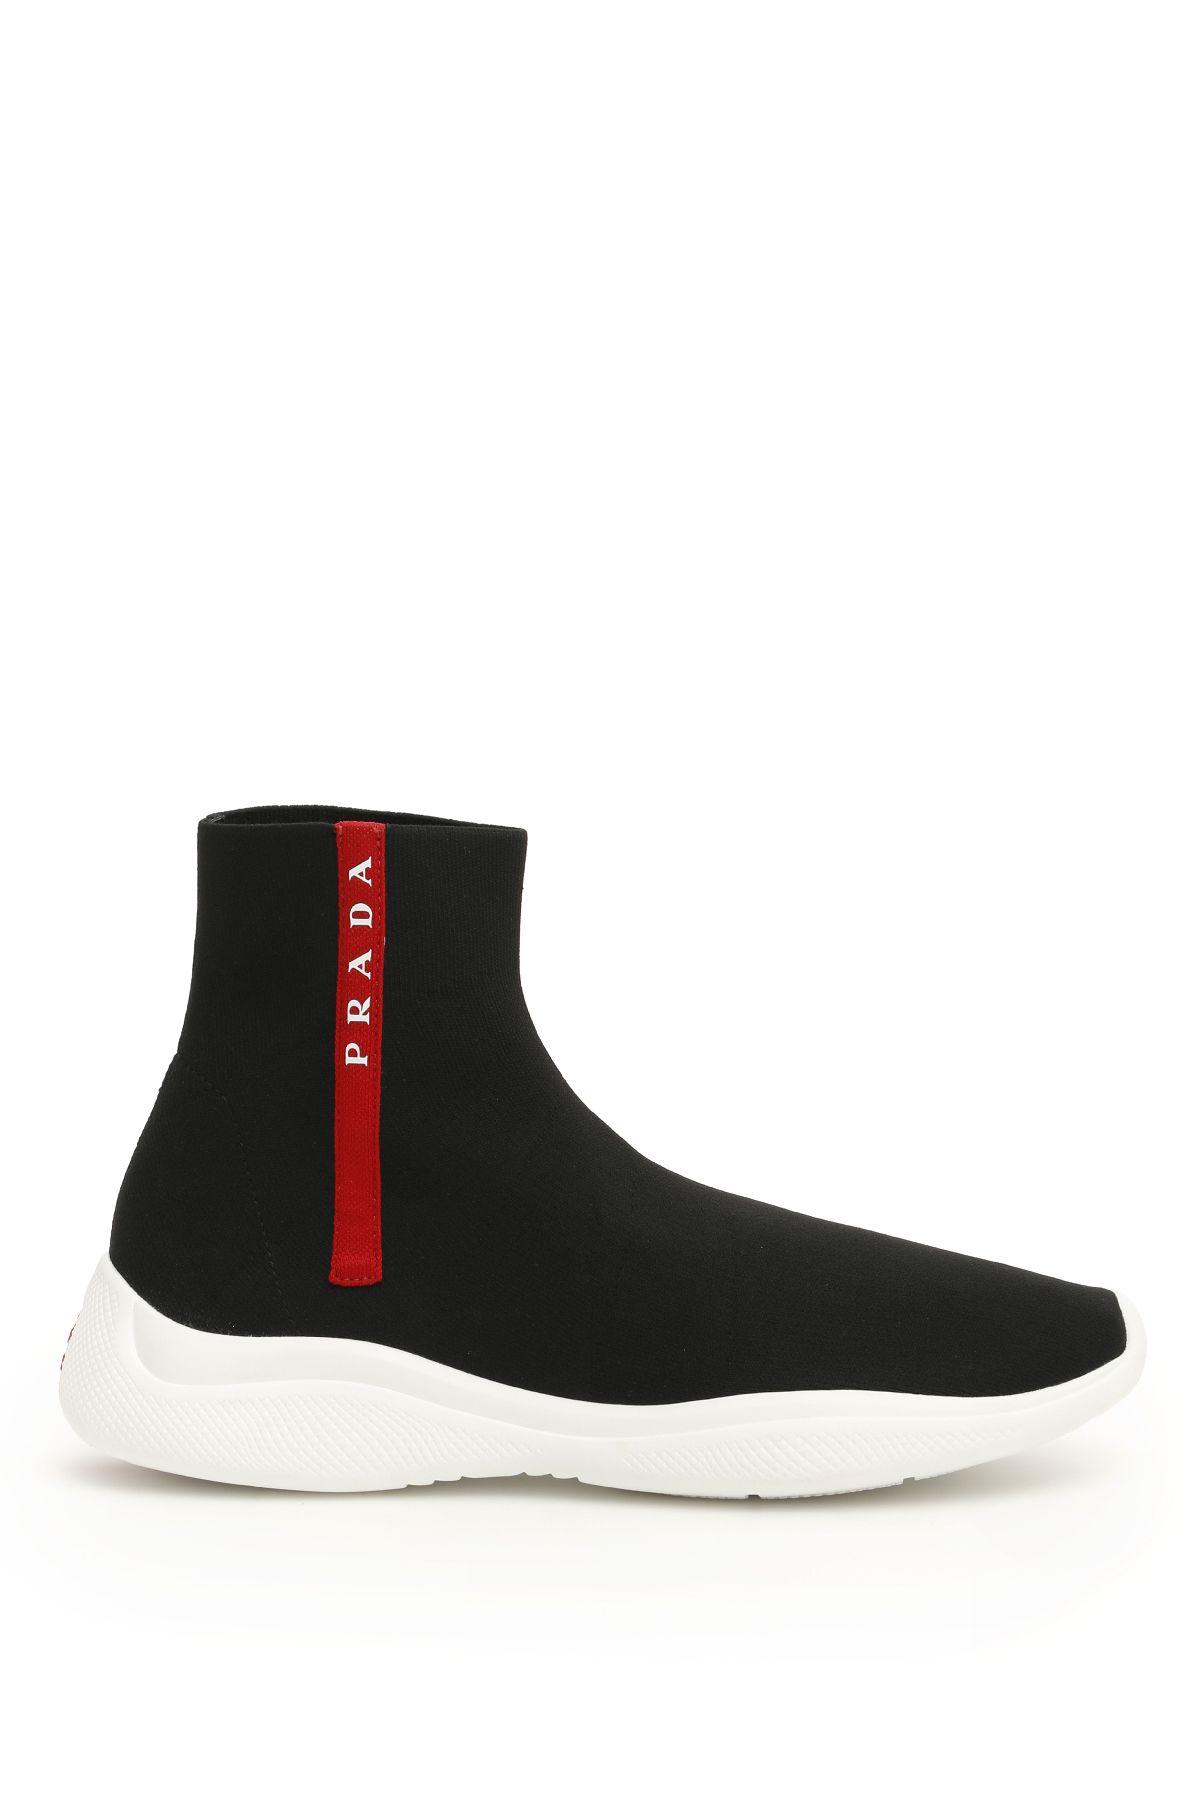 Prada America's Cup Logo Sock Sneakers